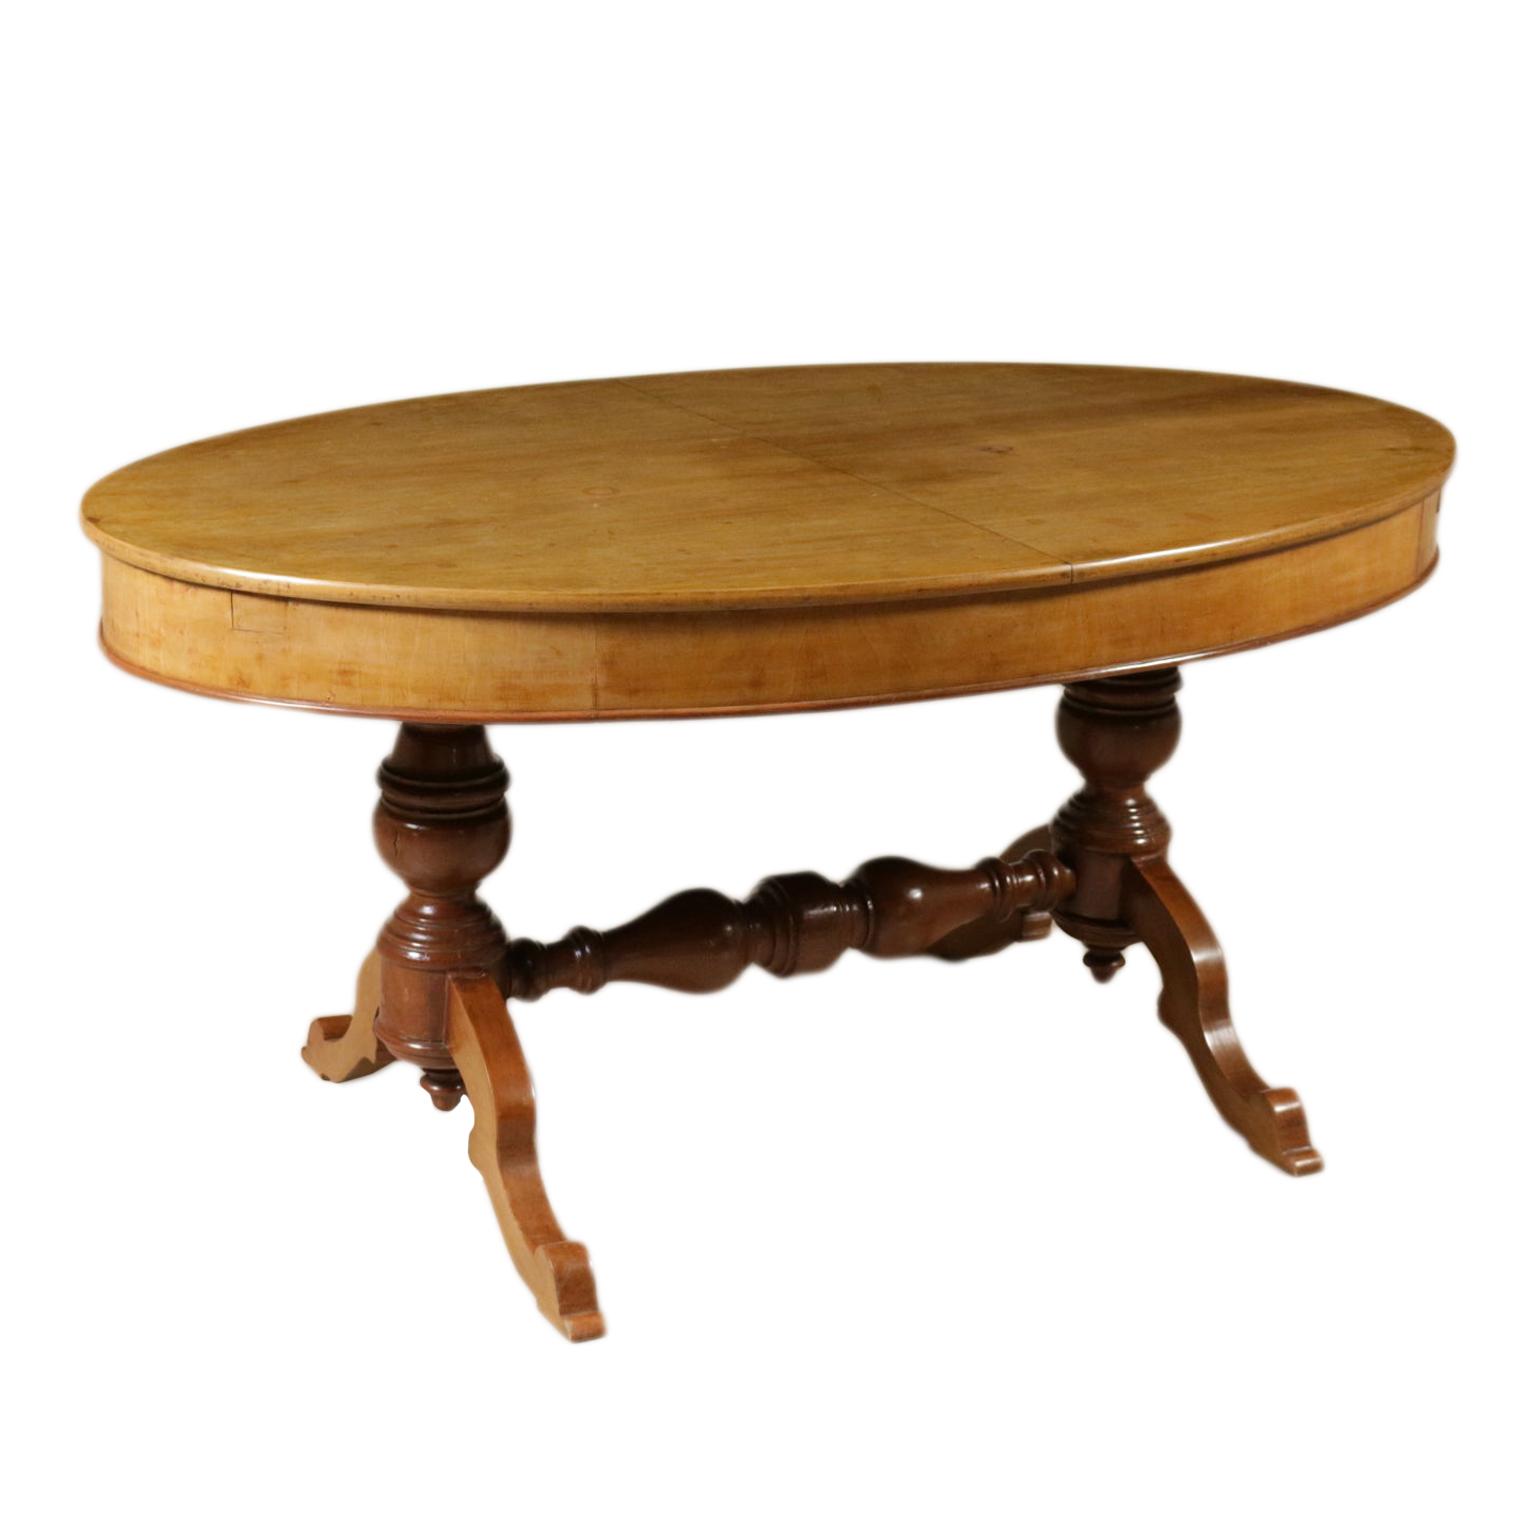 Tavolo Con Gamba Centrale Allungabile tavolo ovale allungabile - tavoli - antiquariato